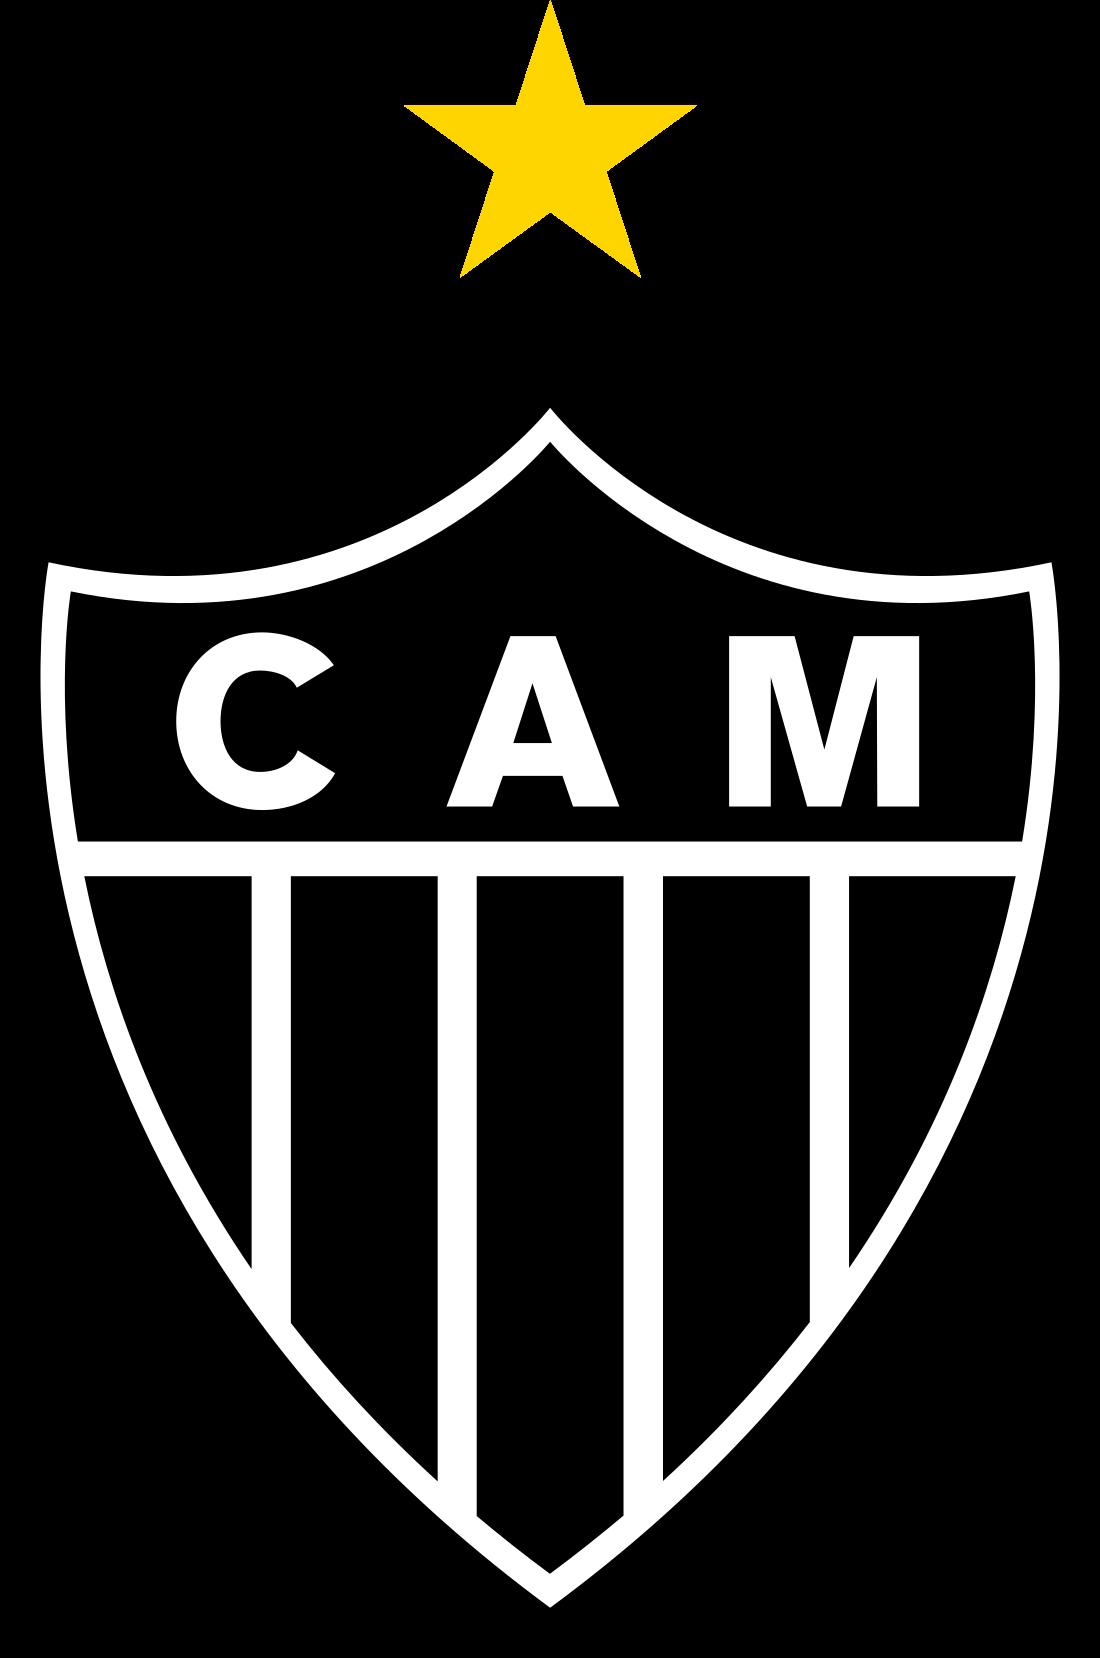 atletico mineiro logo escudo 6 - Atlético Mineiro Logo